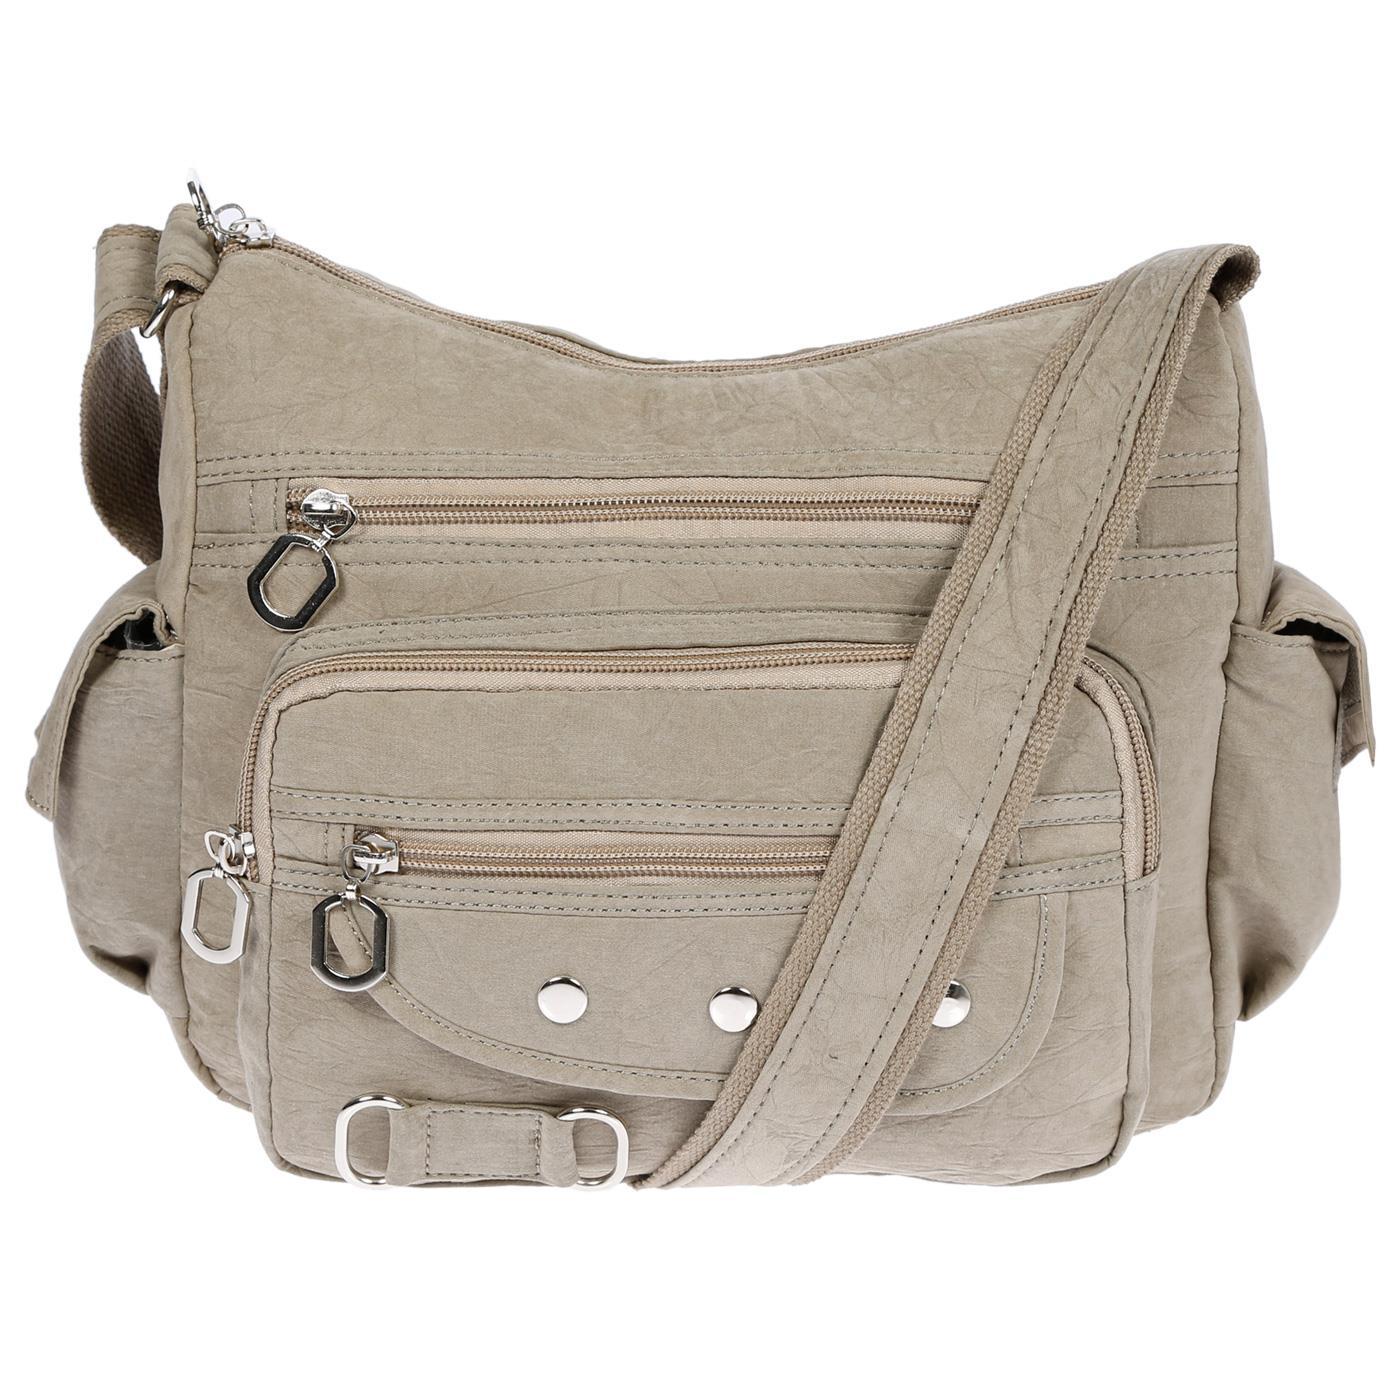 Damenhandtasche-Schultertasche-Tasche-Umhaengetasche-Canvas-Shopper-Crossover-Bag Indexbild 37